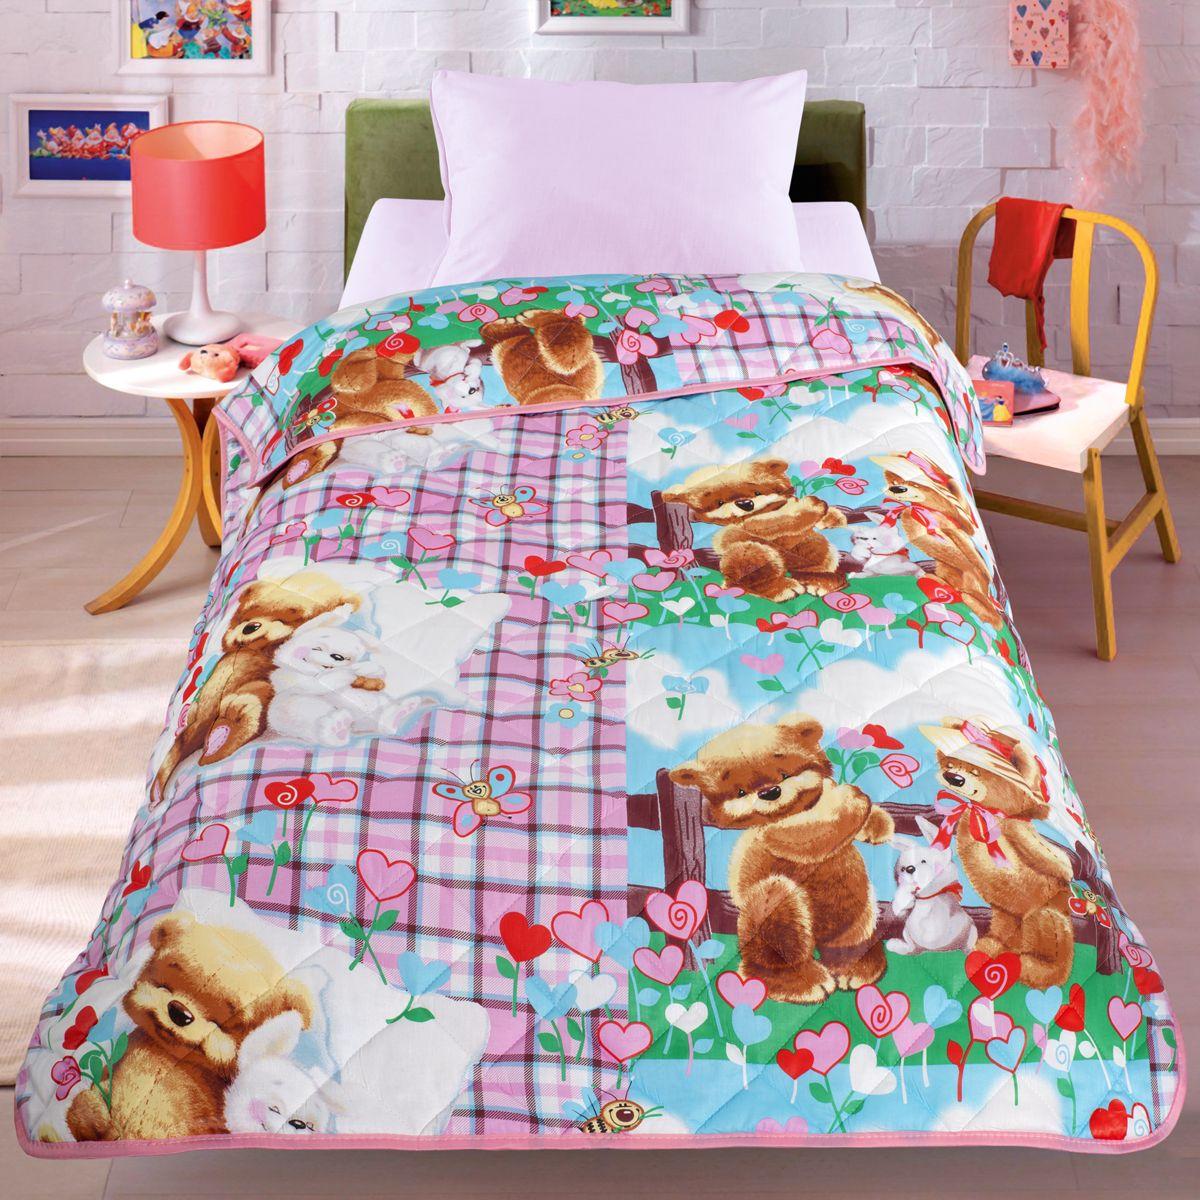 Покрывало-одеяло Letto Мишки и зайка, облегченное, цвет: розовый, 140 x 200 смbear-rabbit140Легкое оригинальное покрывало в чехле будет радовать вас и вашего малыша втечение всего года. Сидеть на таком покрывале будет приятно и комфортно -ведь оно выполнено из 100% хлопка. К тому же покрывало можно использовать икак одеяло на детскую кровать. Дизайн двусторонний. Наполнитель -силиконизированное волокно. Вашему ребенку не будет жарко под таким одеялом,а это значит он не будет раскрываться.